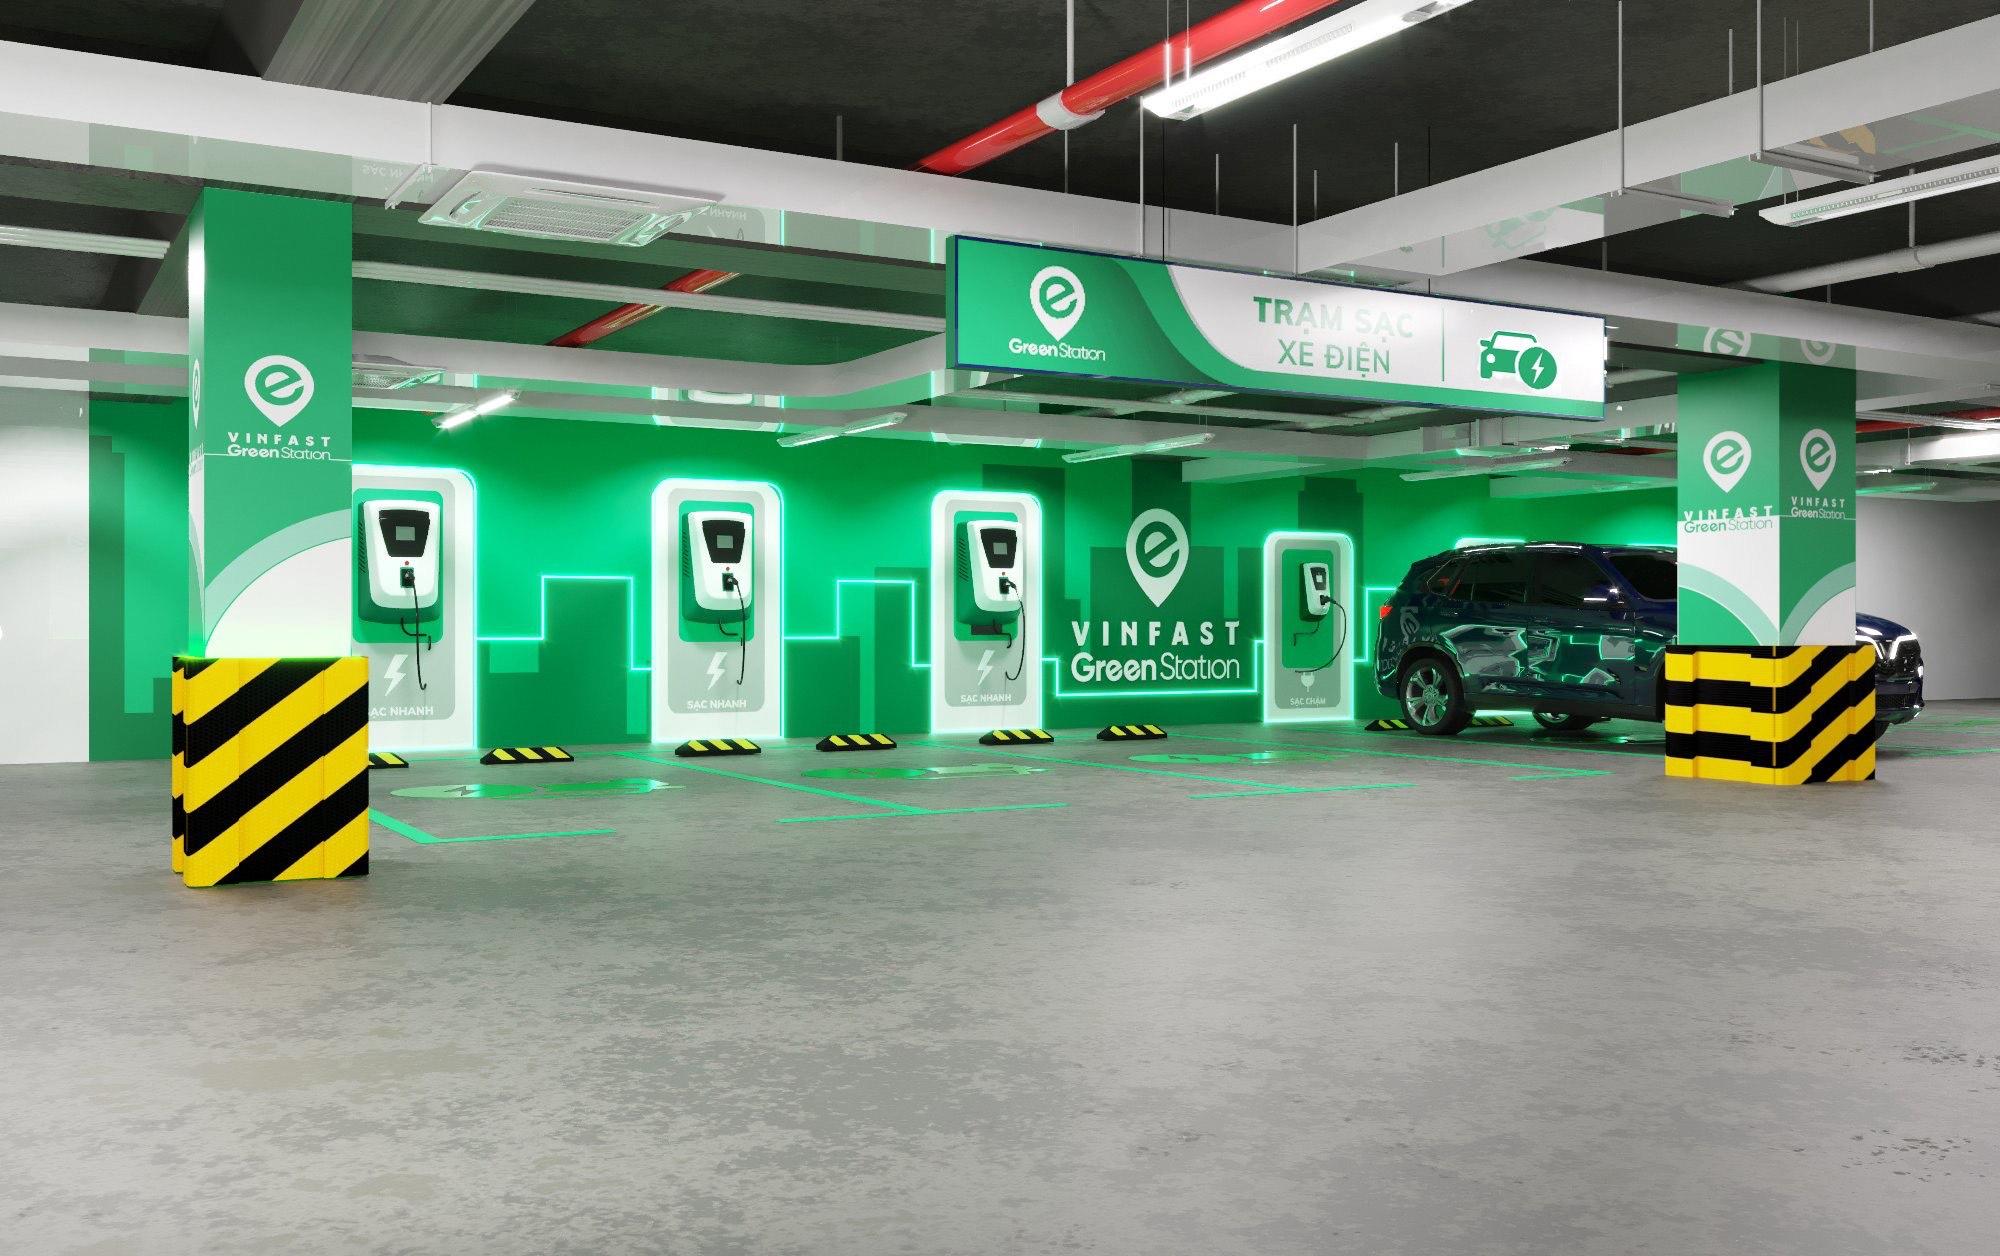 VinFast-trien-khai-mo-hinh-tram-sac-nam-2021